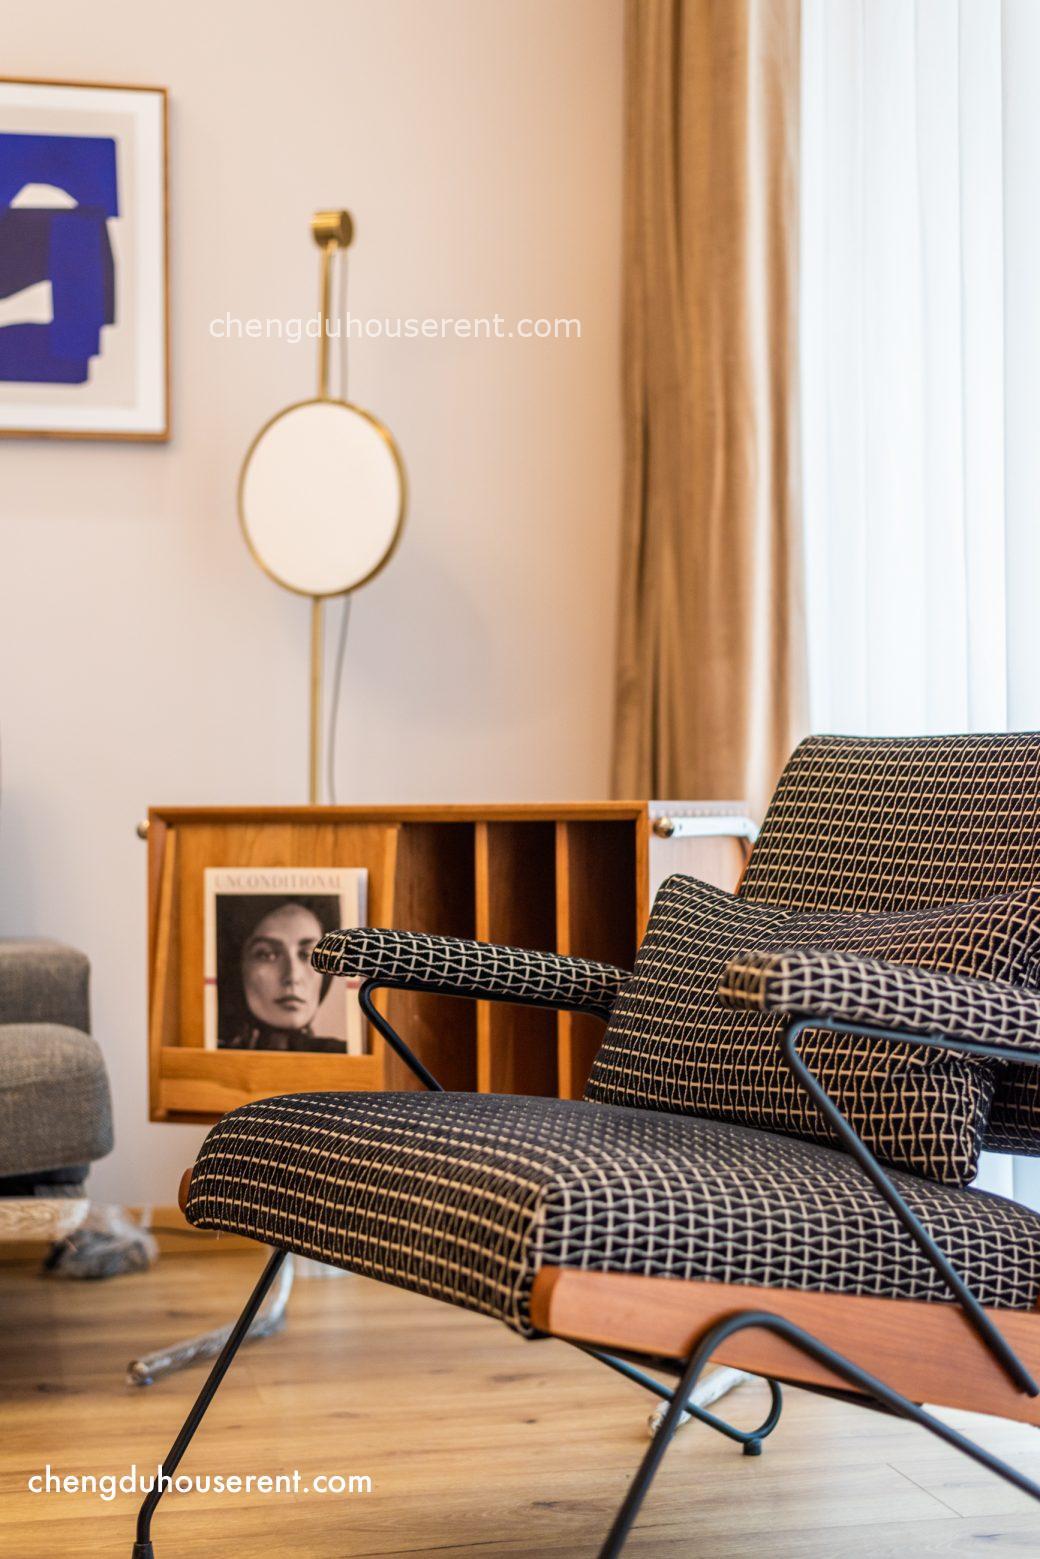 客厅沙发1